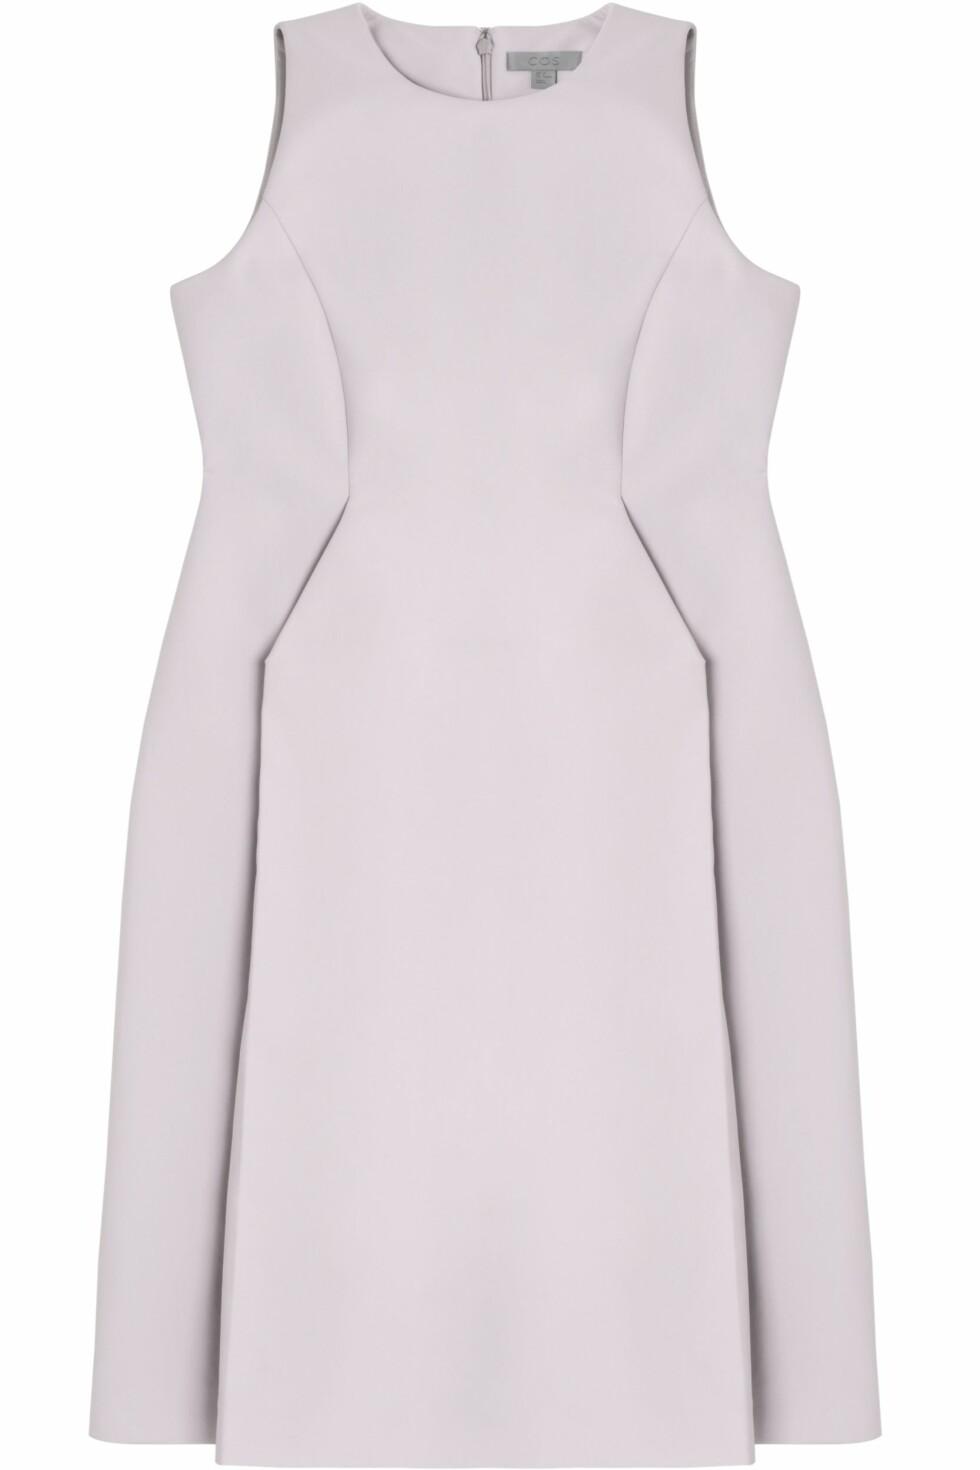 Lilla kjole (kr 790, COS). Foto: Produsenten